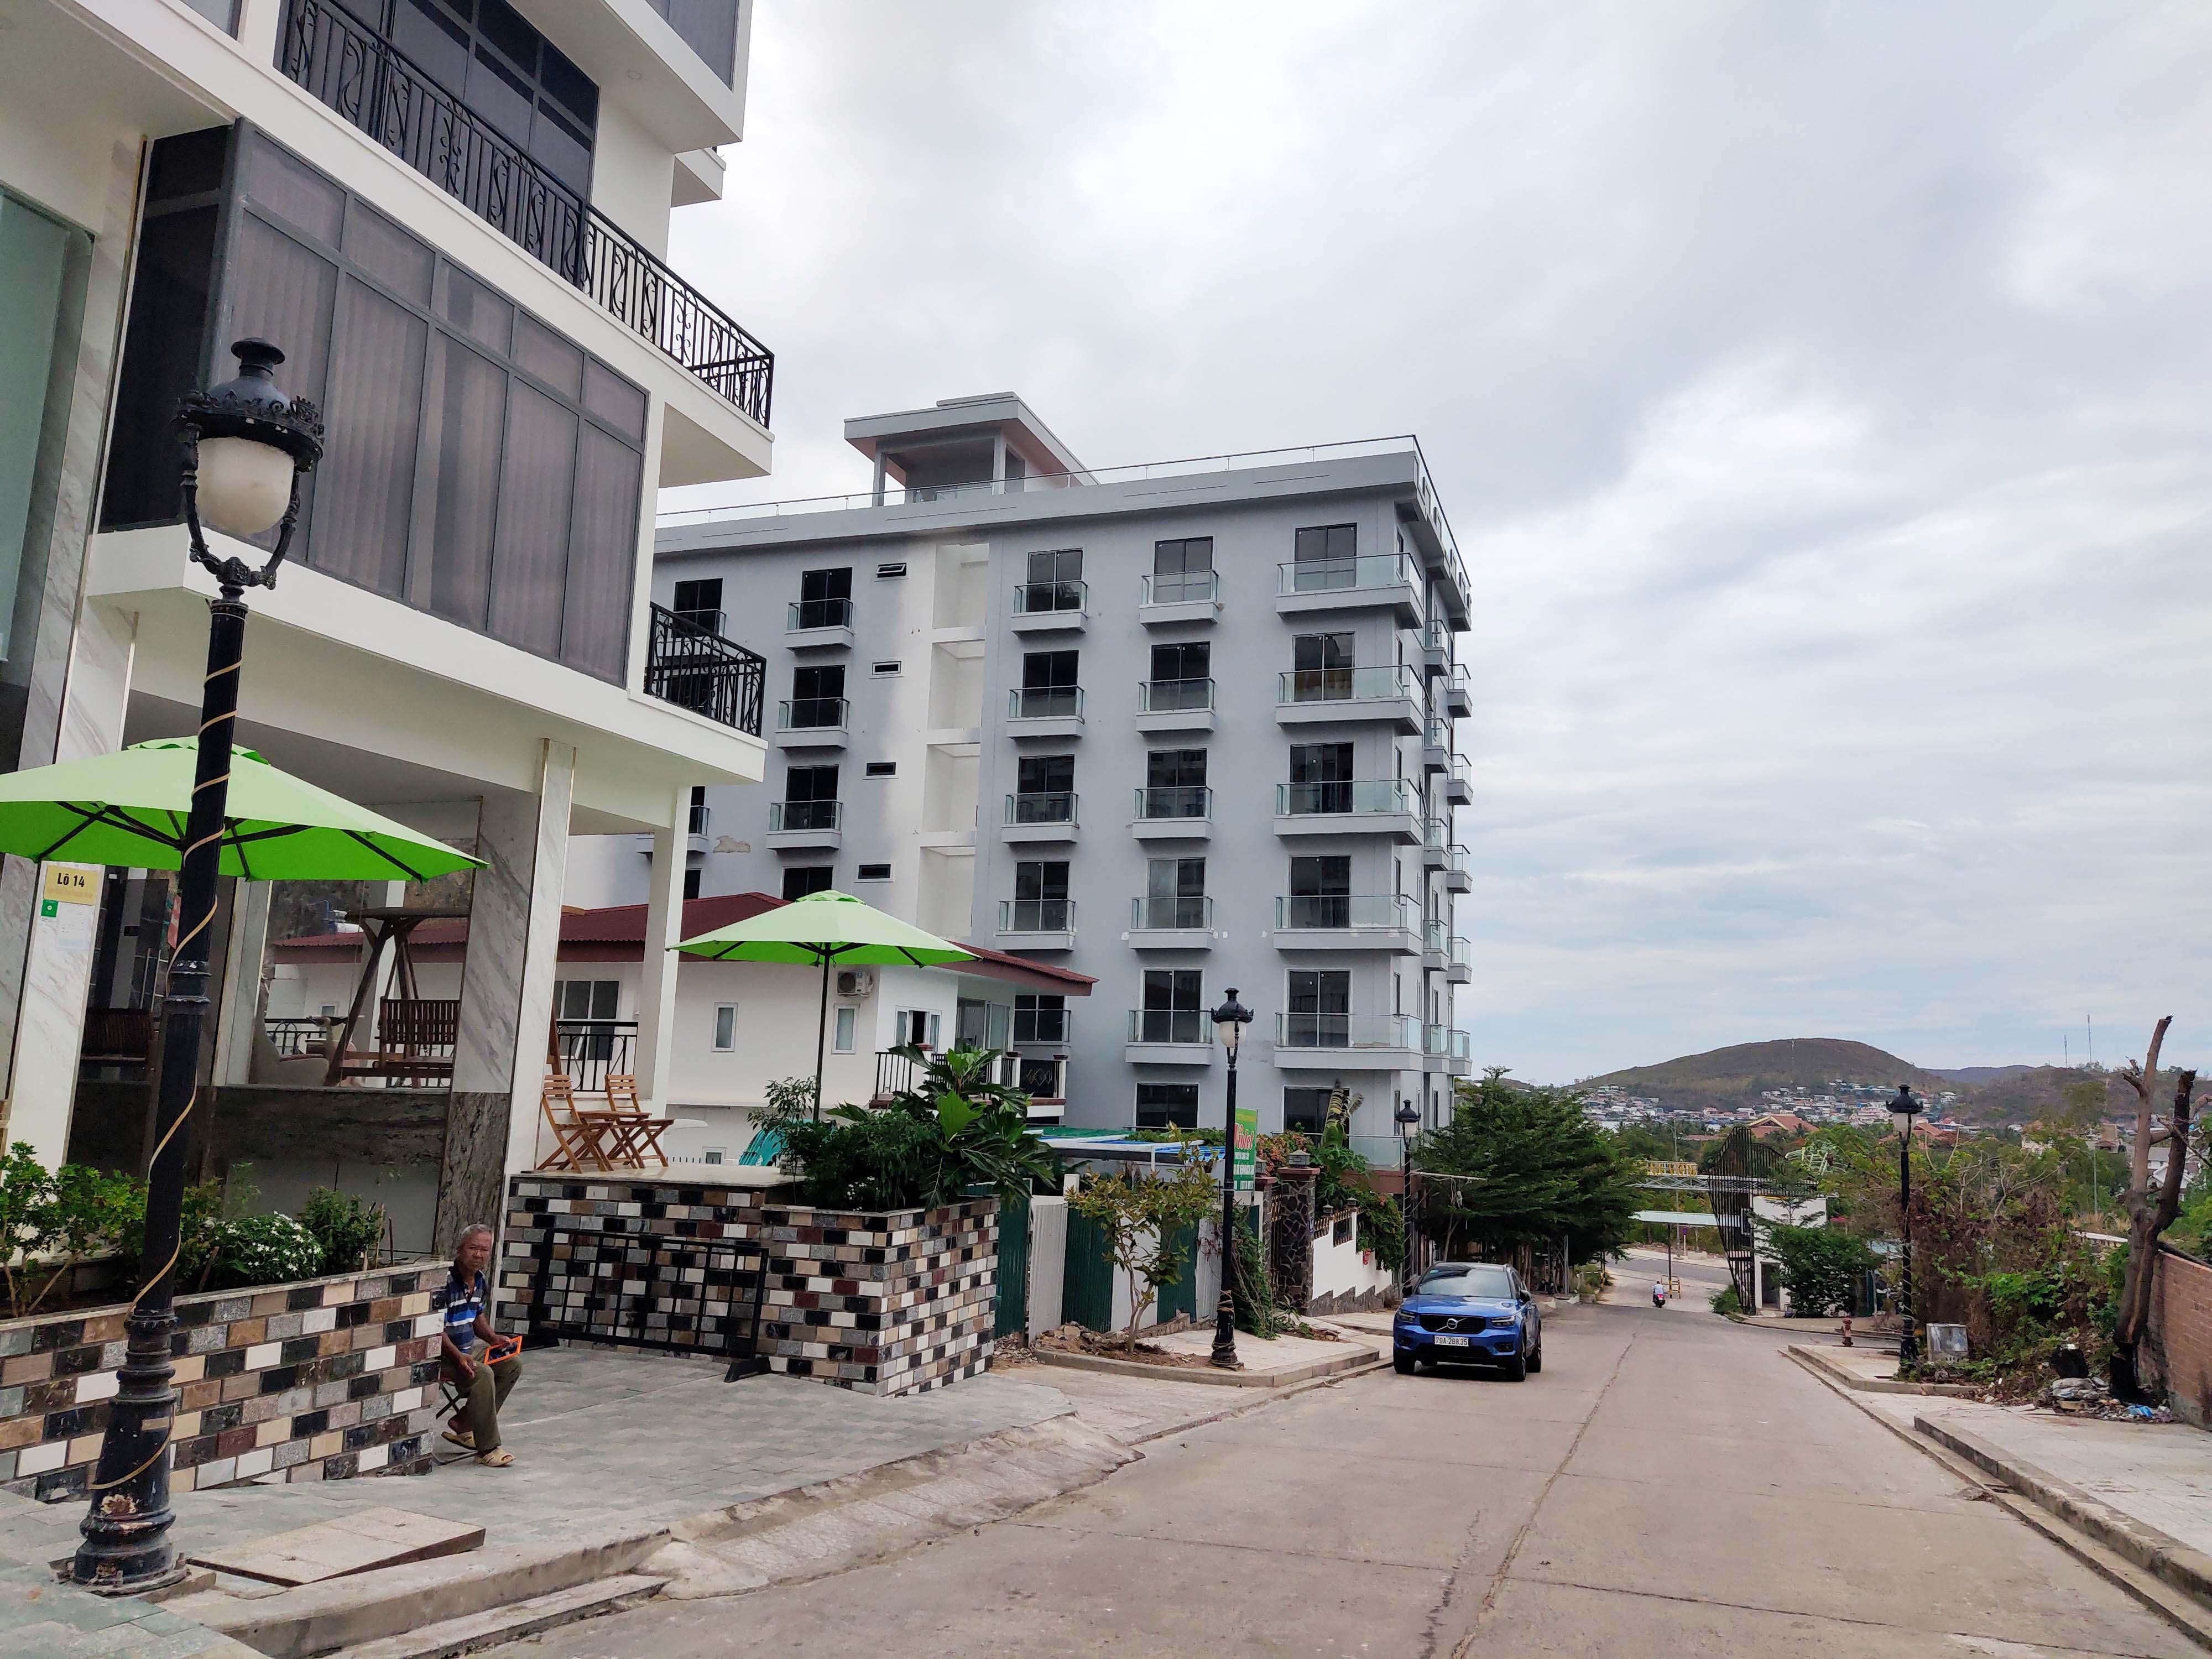 Cận cảnh dự án Ocean View ung dung hoàn thành các căn biệt thự bất chấp lệnh cưỡng chế  - Ảnh 11.